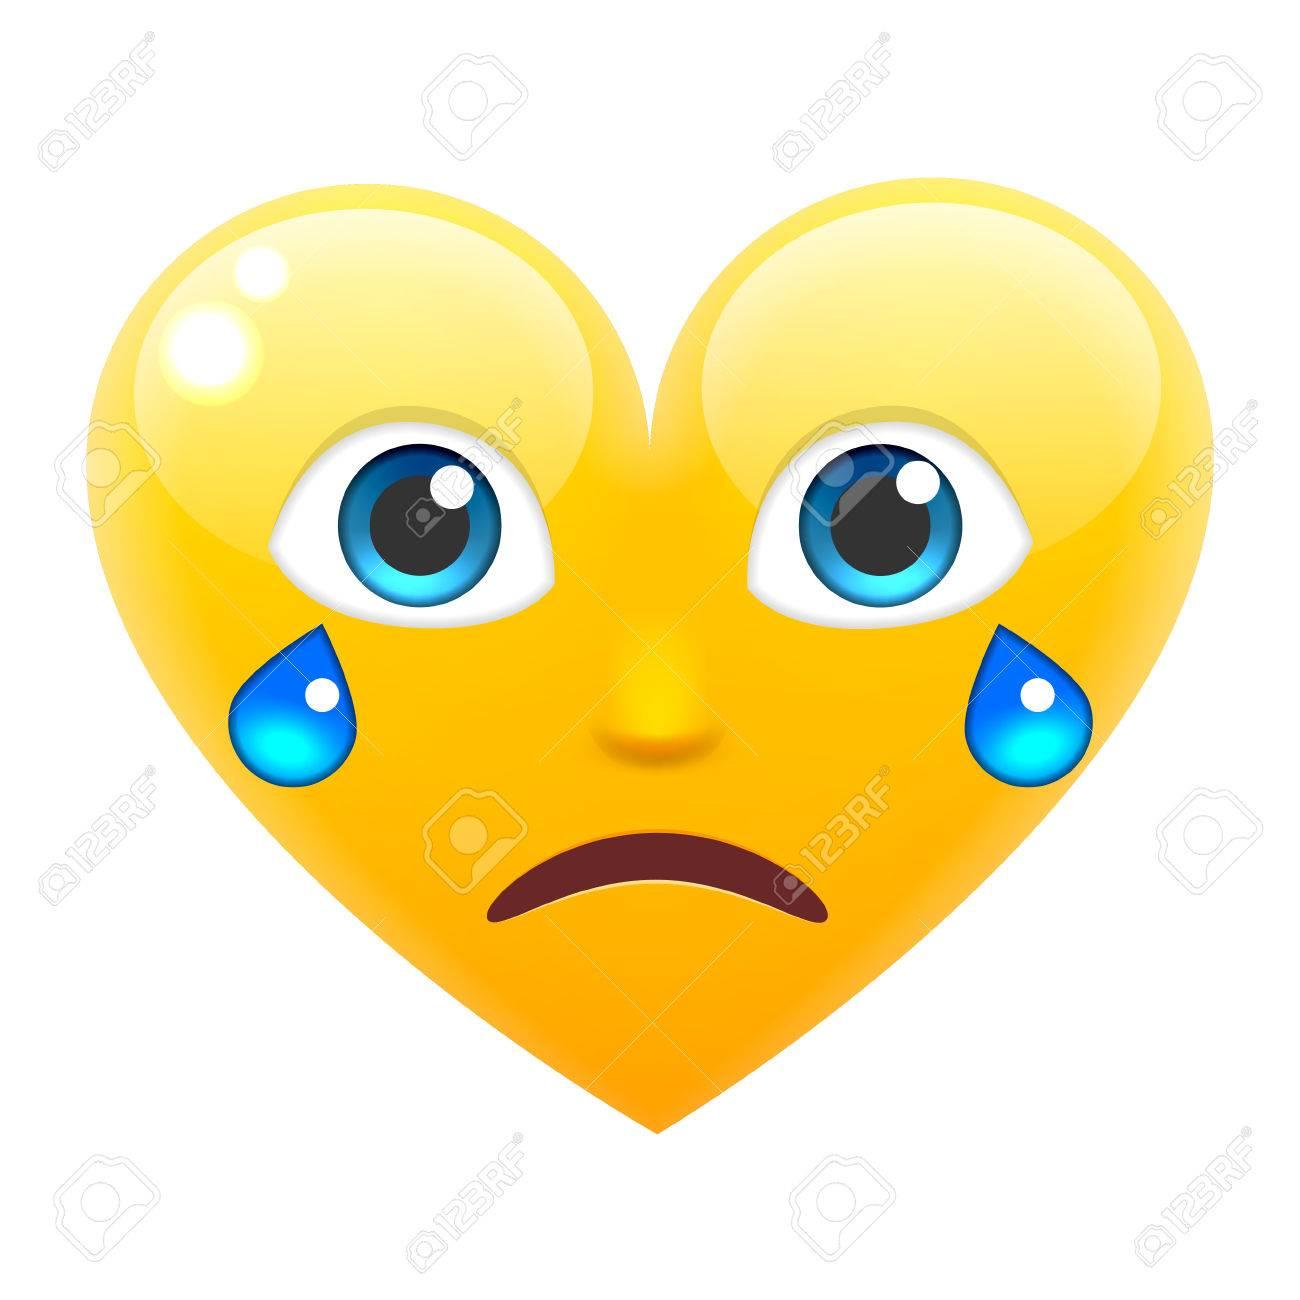 Pleurer Coeur Sourire Emoticones Avec Larmes Coeur Emoji Avec Larmes Pour Le 14 Fevrier Pour La Saint Valentin Isolated Vector Illustration Sur Fond Blanc Clip Art Libres De Droits Vecteurs Et Illustration